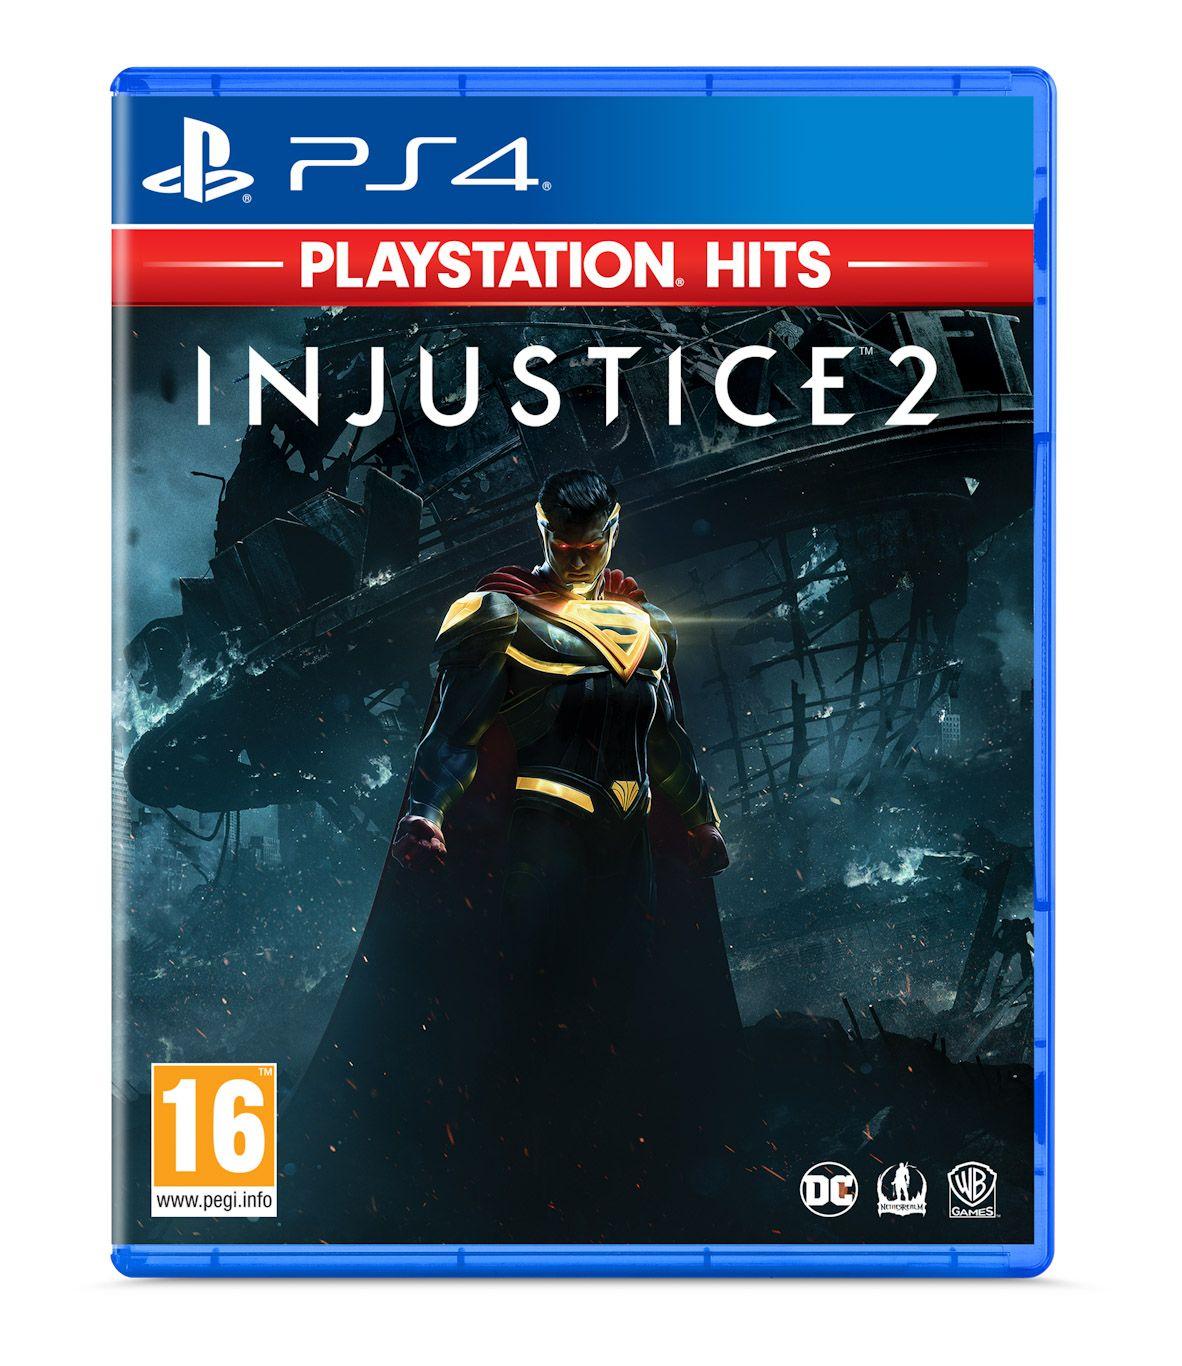 INJUSTICE 2 PS4 - Warner 1.12.74.06.005